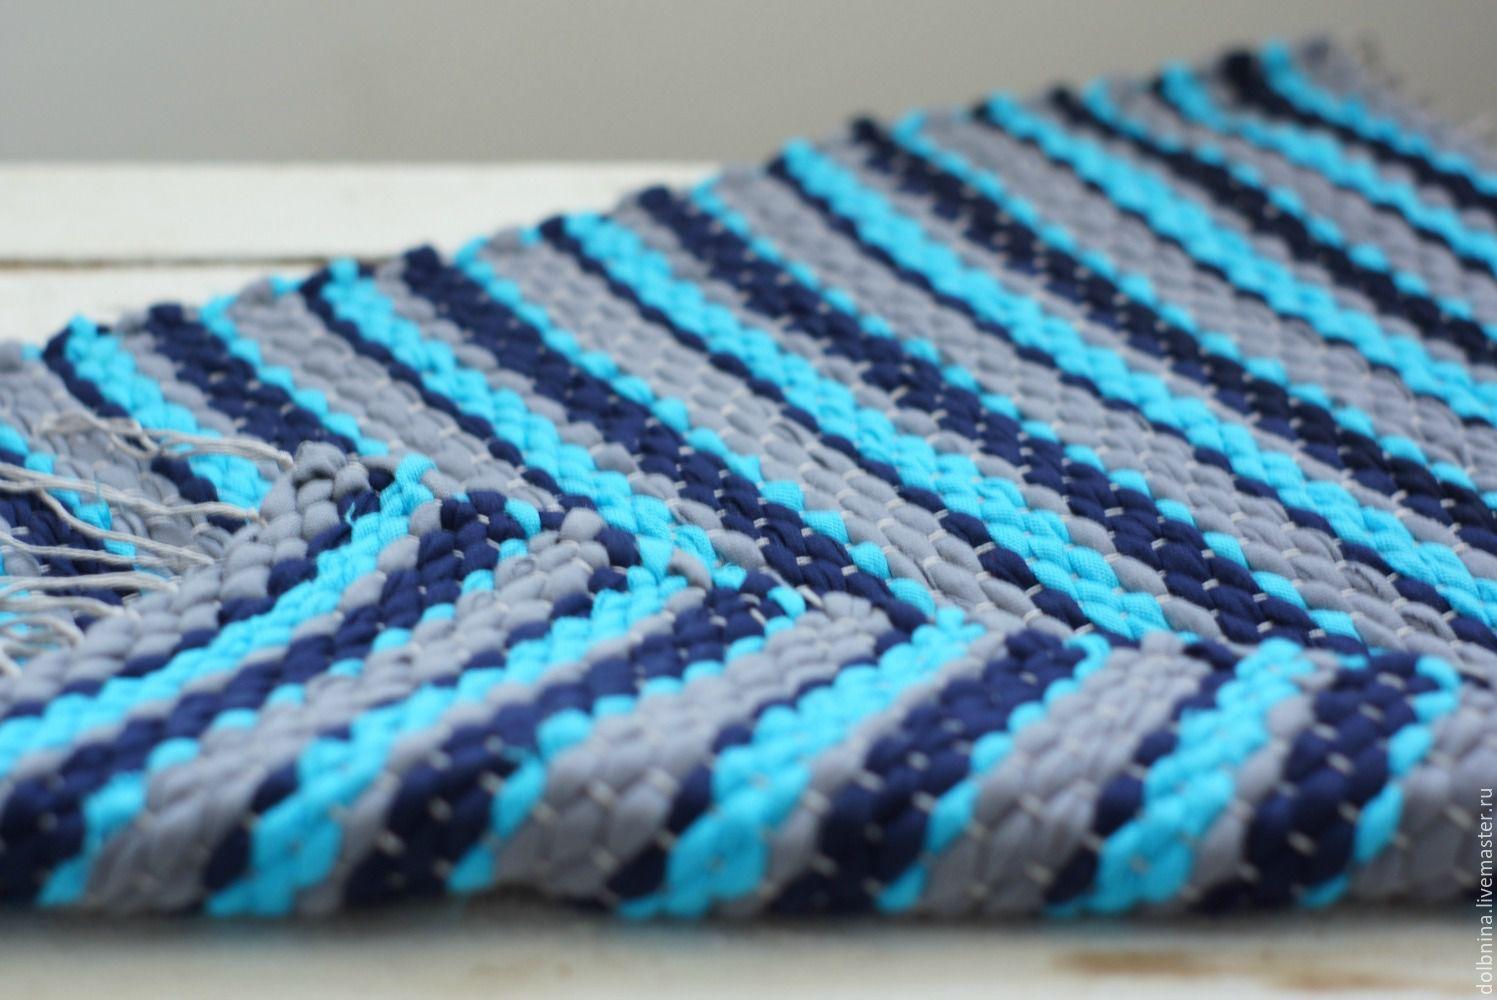 Домотканый коврик своими руками мастер класс фото 210